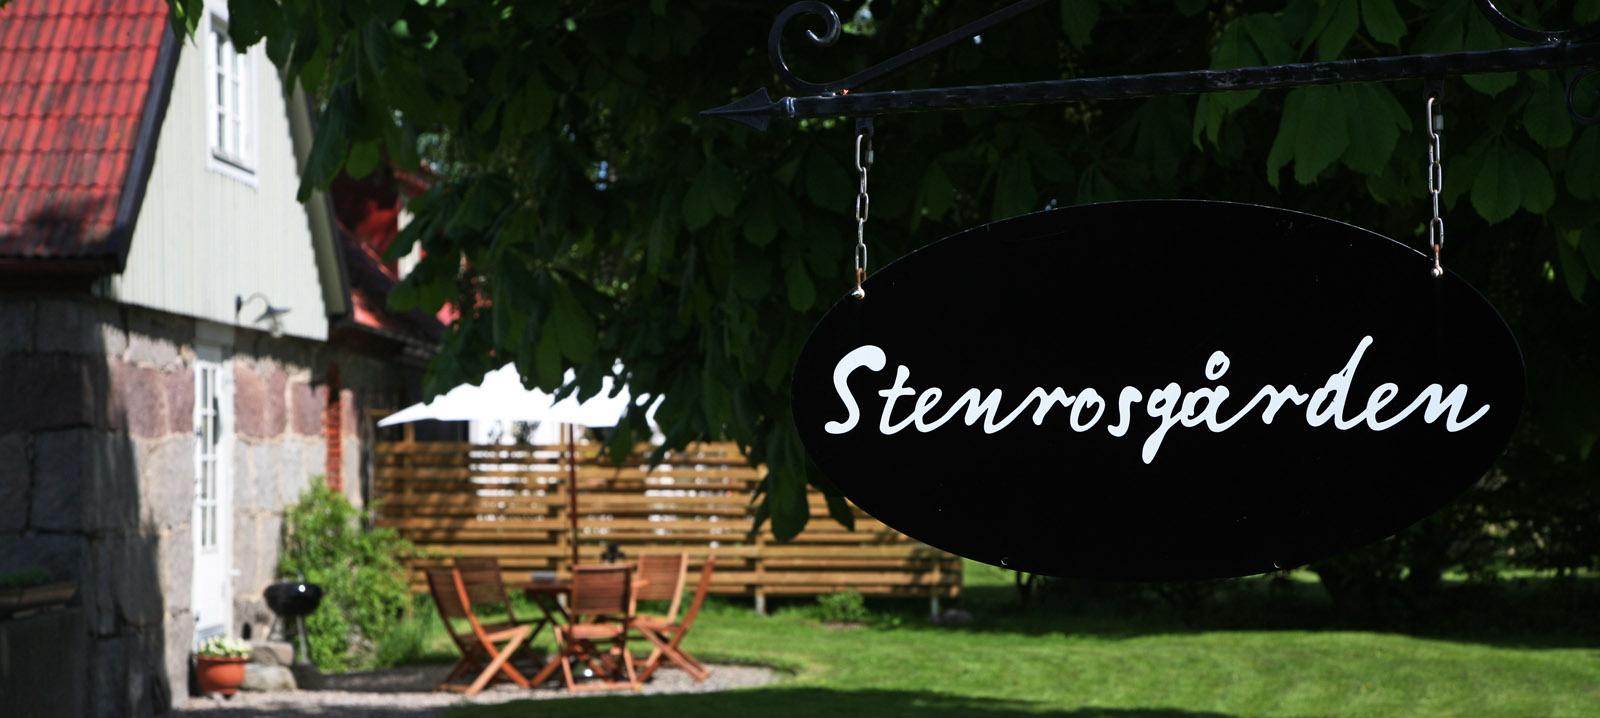 Stenrosgården - hyr ut boende (lägenheter) på Österlen nära Kivik och Stenshuvuds nationalpark